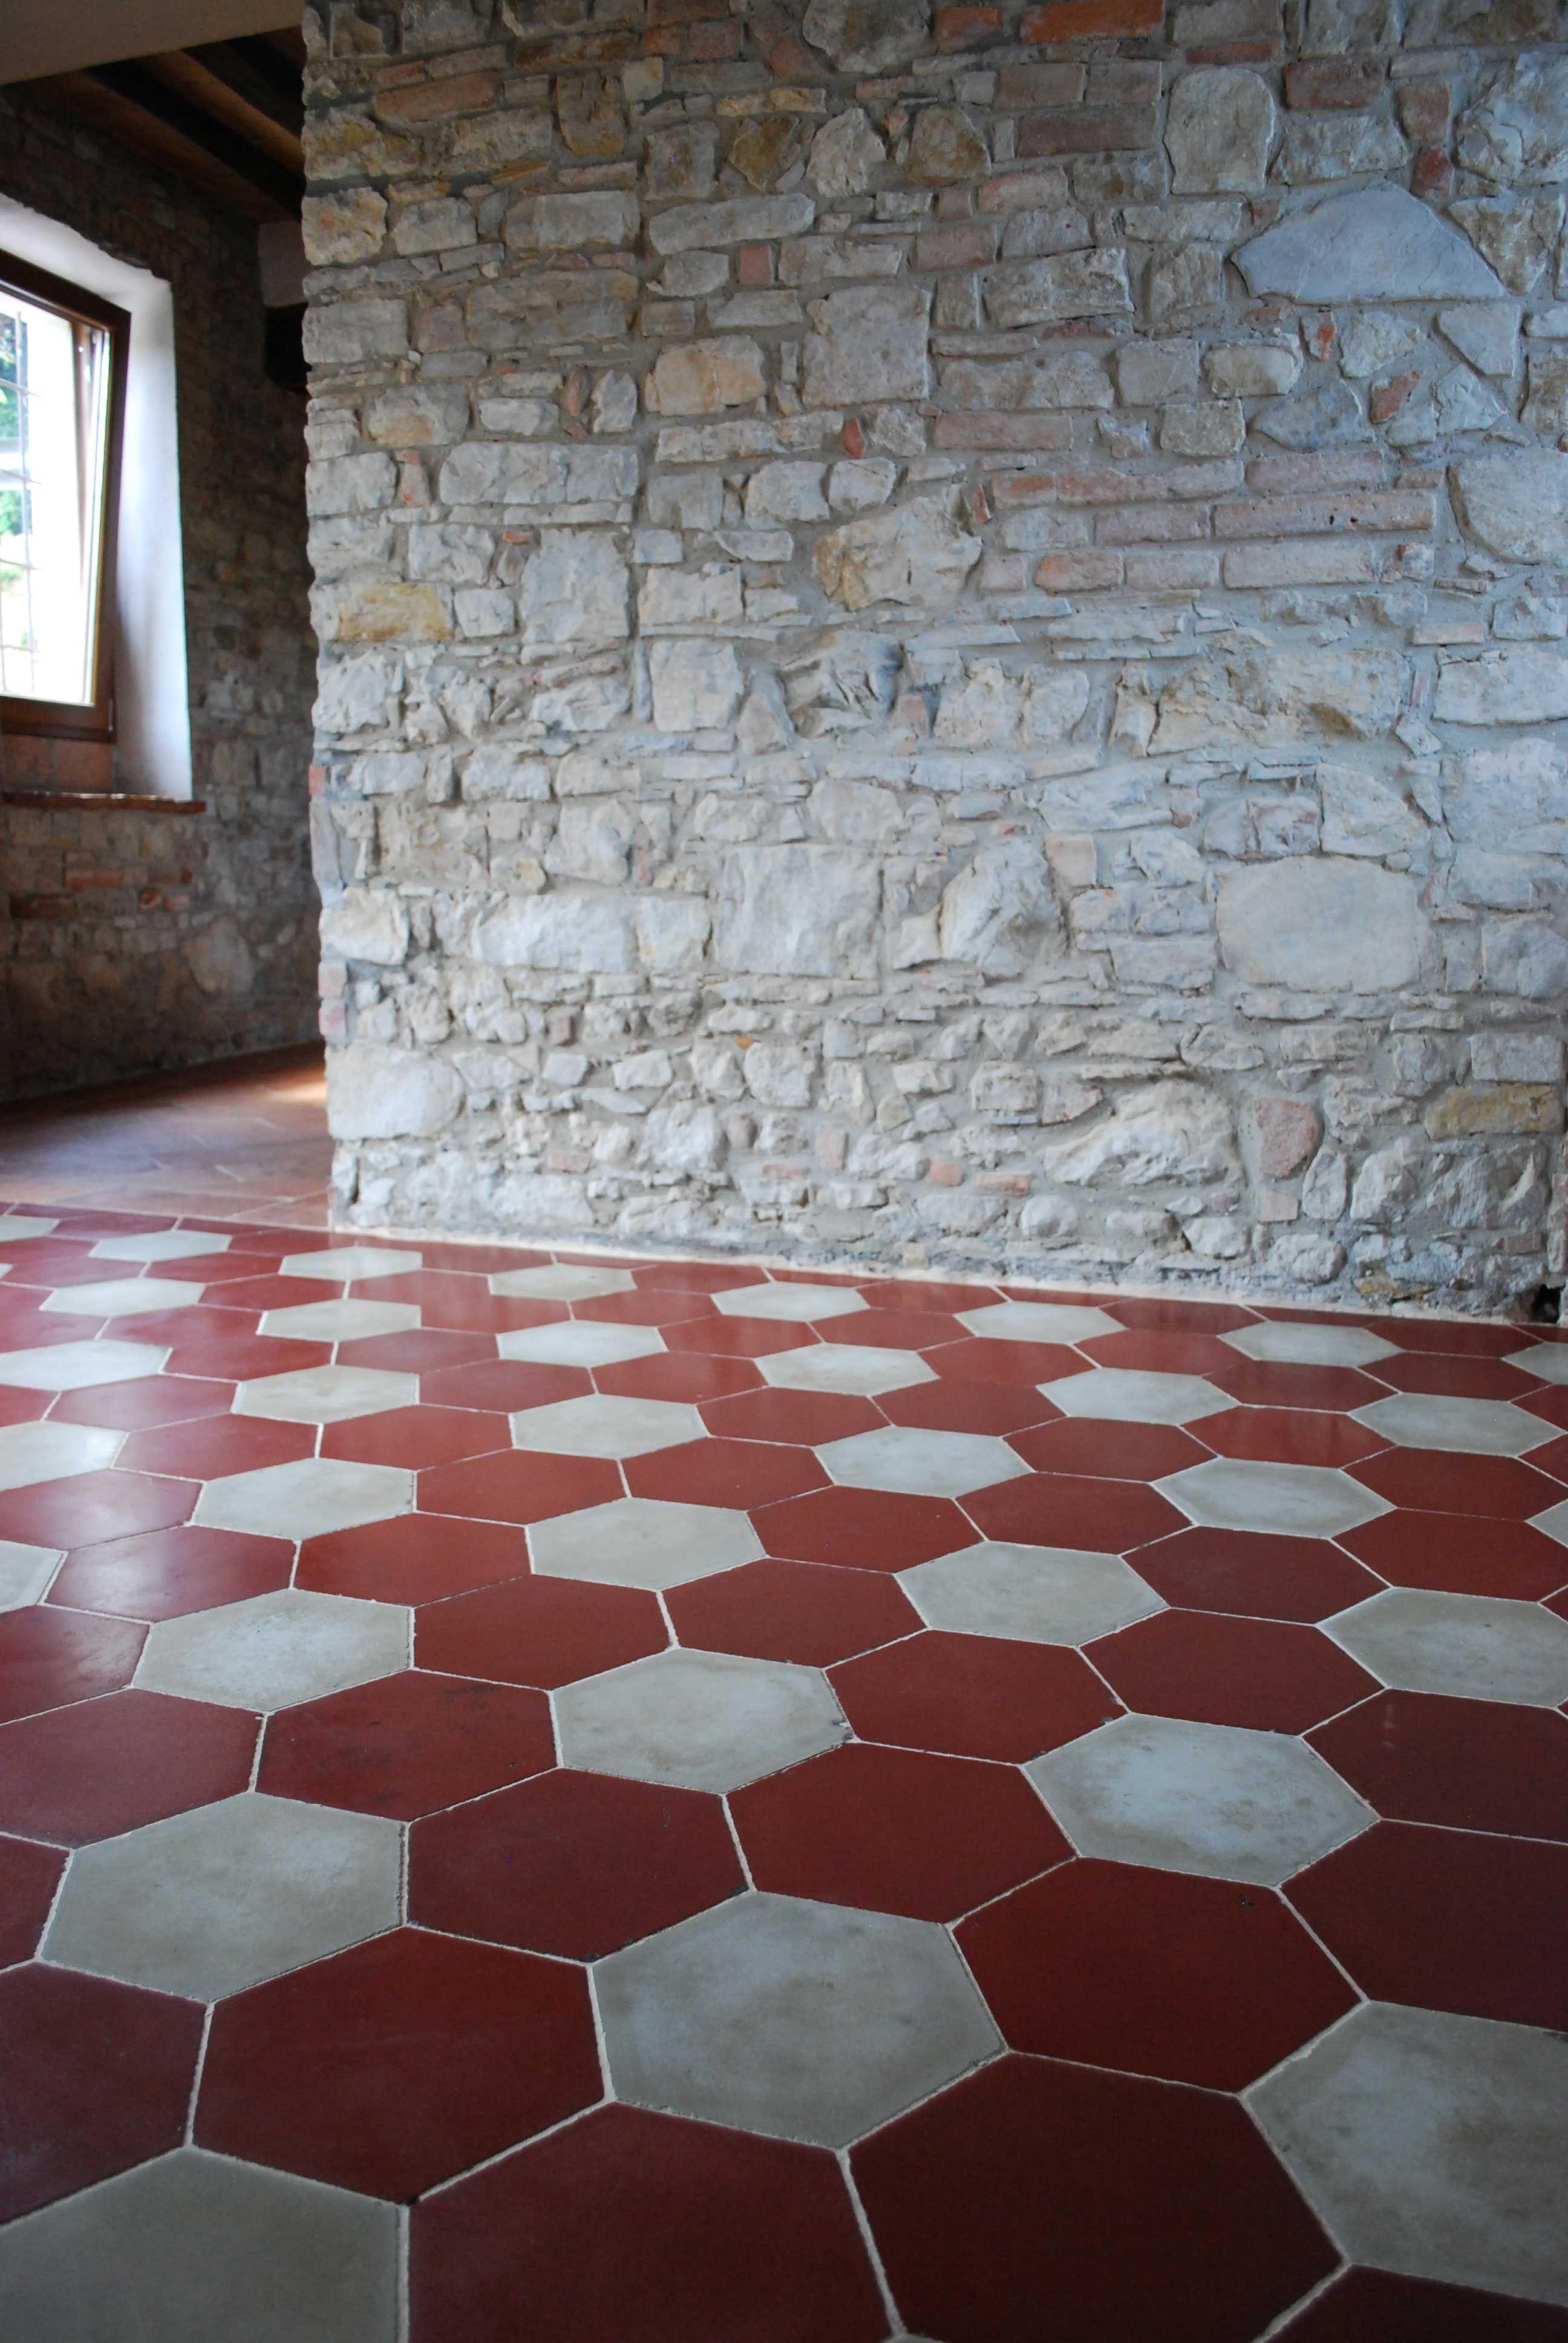 Pavimento in cementine esagonali bianche e rosse antiche cementine pavimenti   HOLE